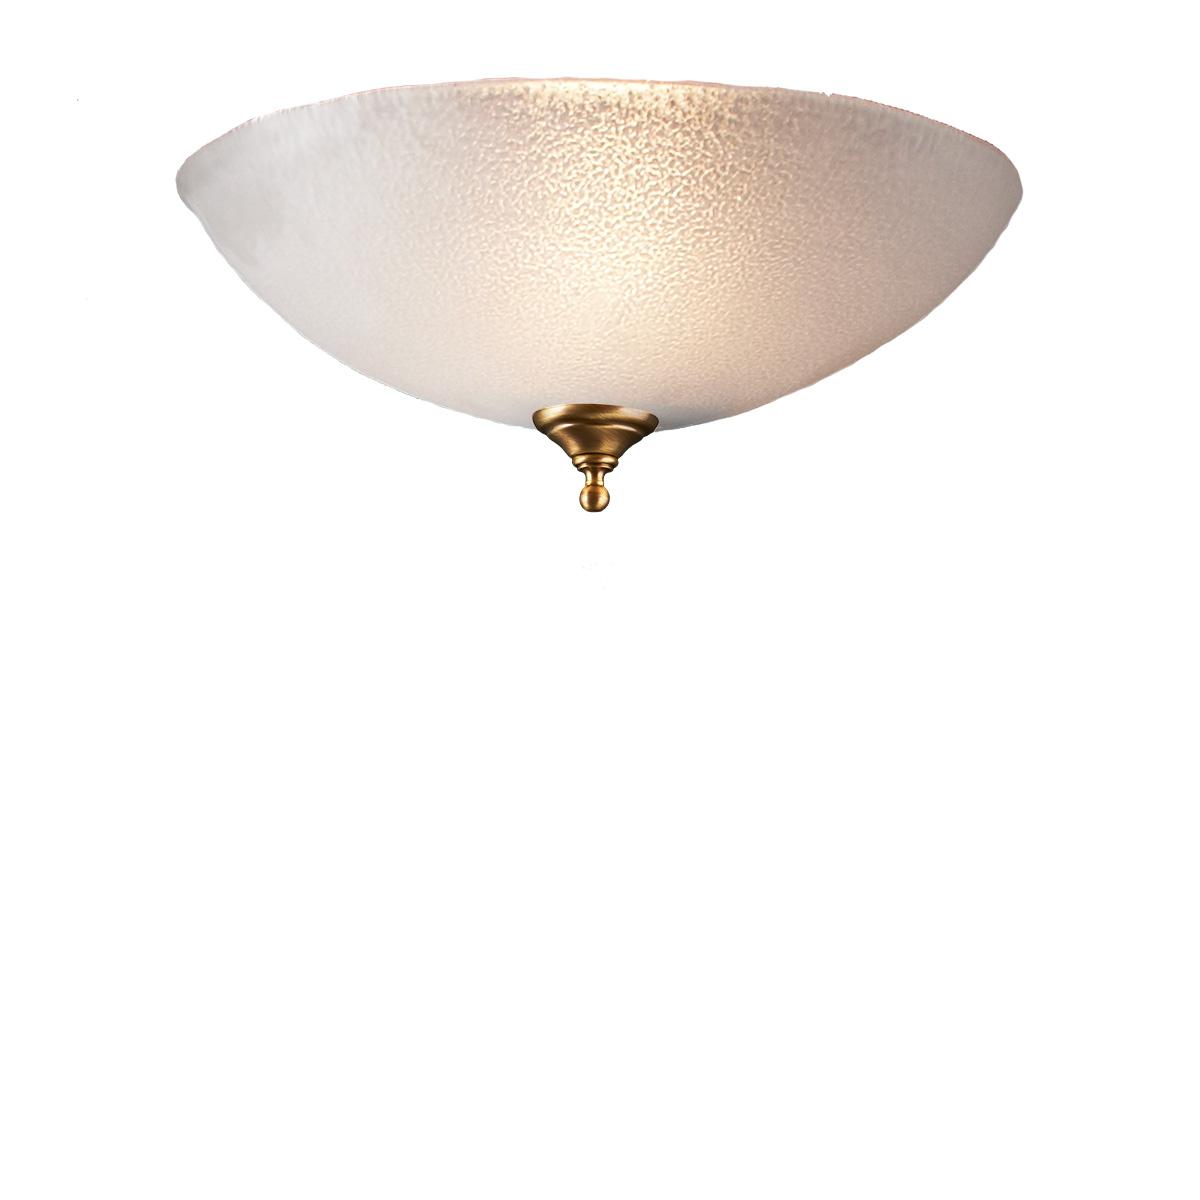 Φωτιστικό οροφής ΝΥΜΦΑΙΟ ceiling lamp